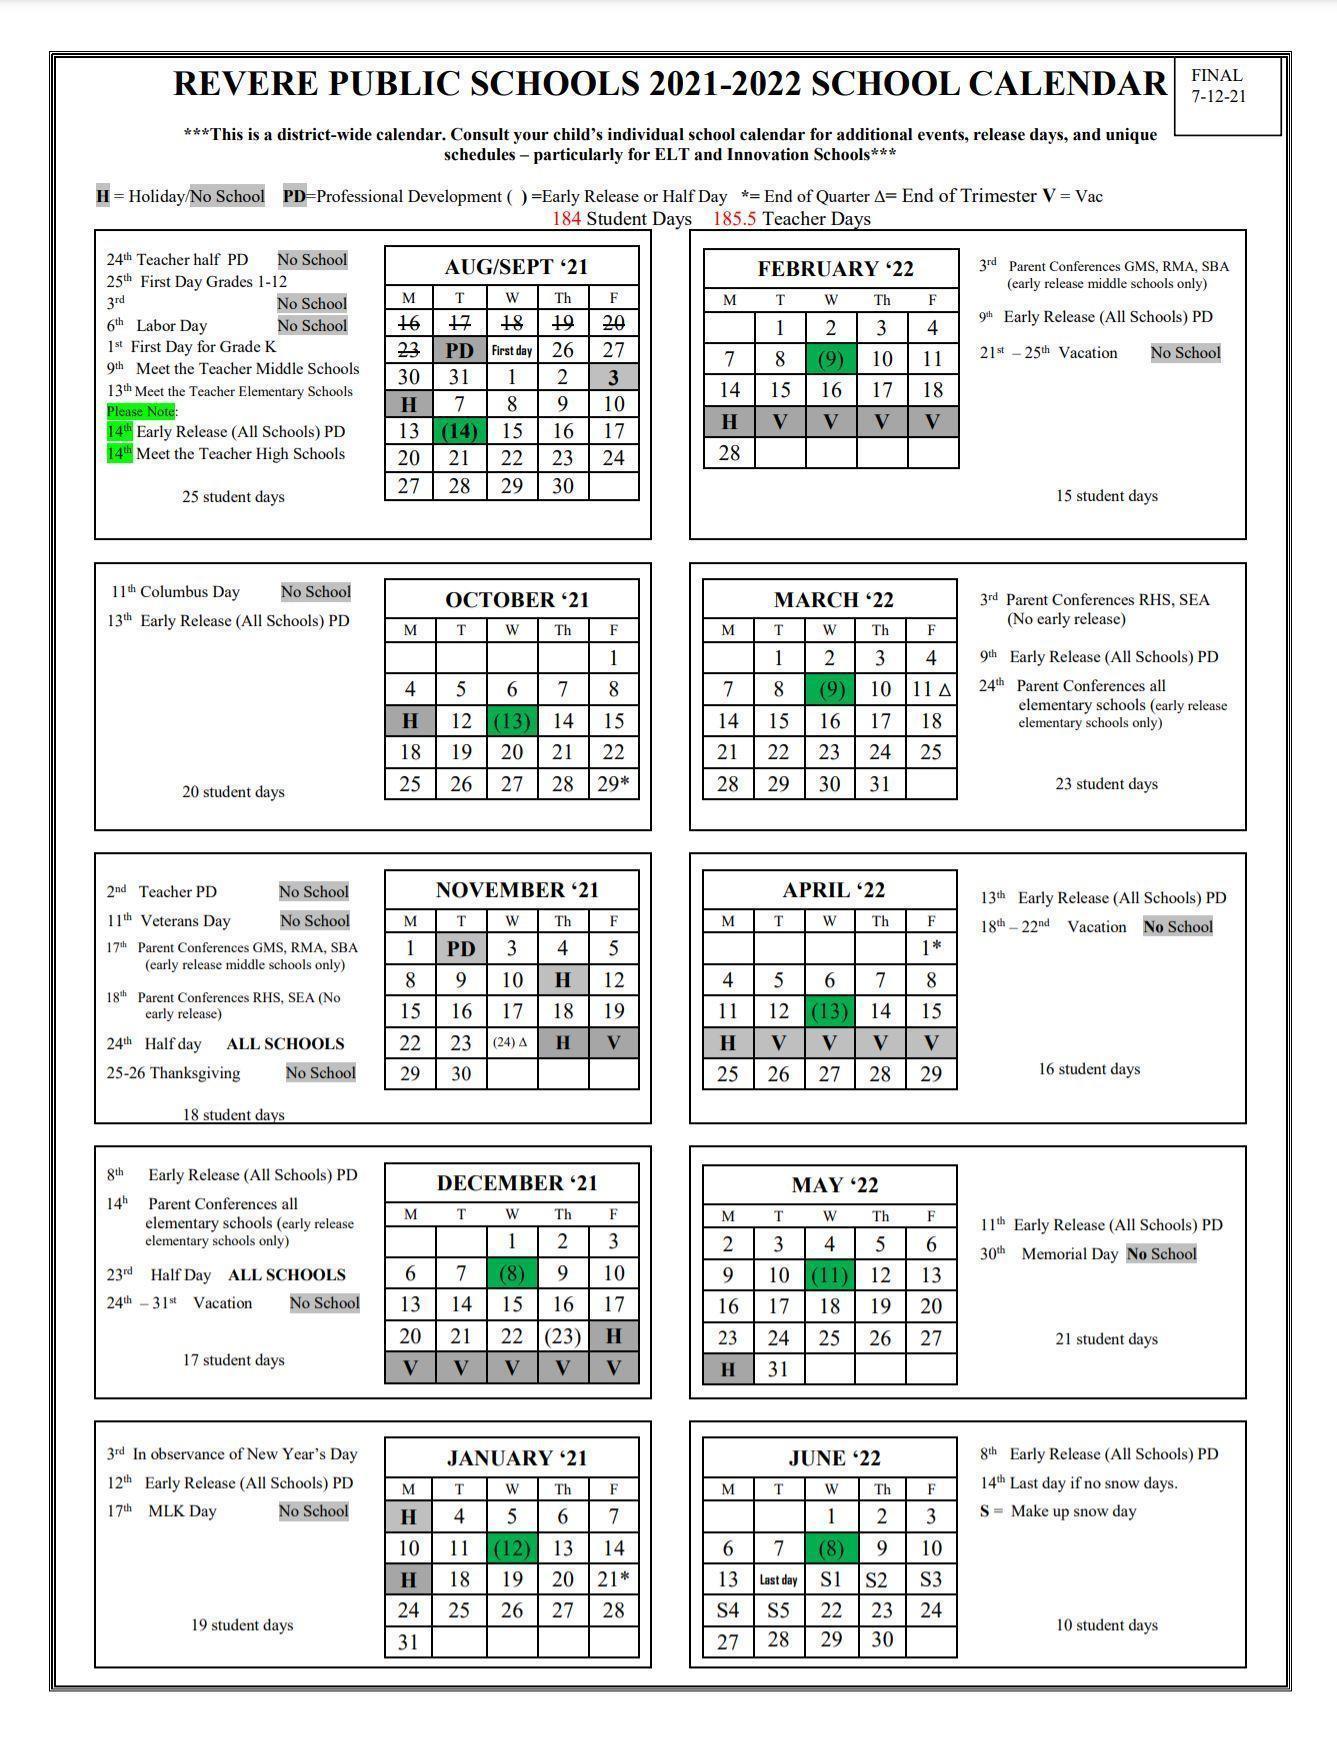 2020 - 2021 No School Dates